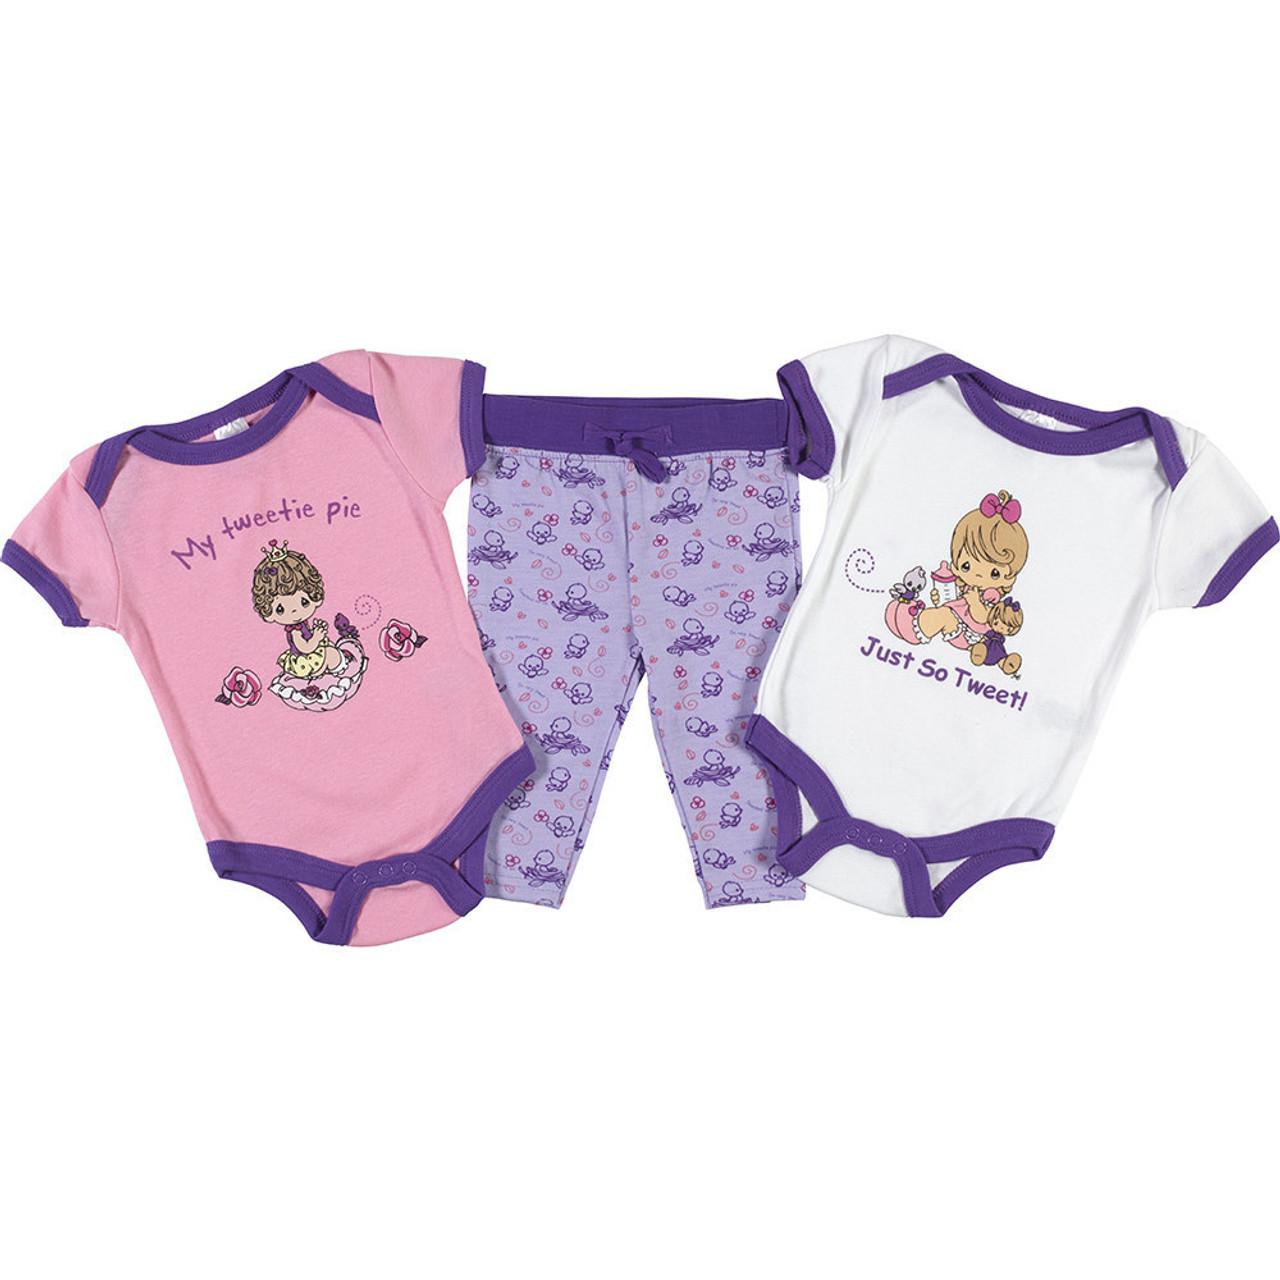 Disney Winnie The Pooh Baby Girls 3-Piece Layette Set